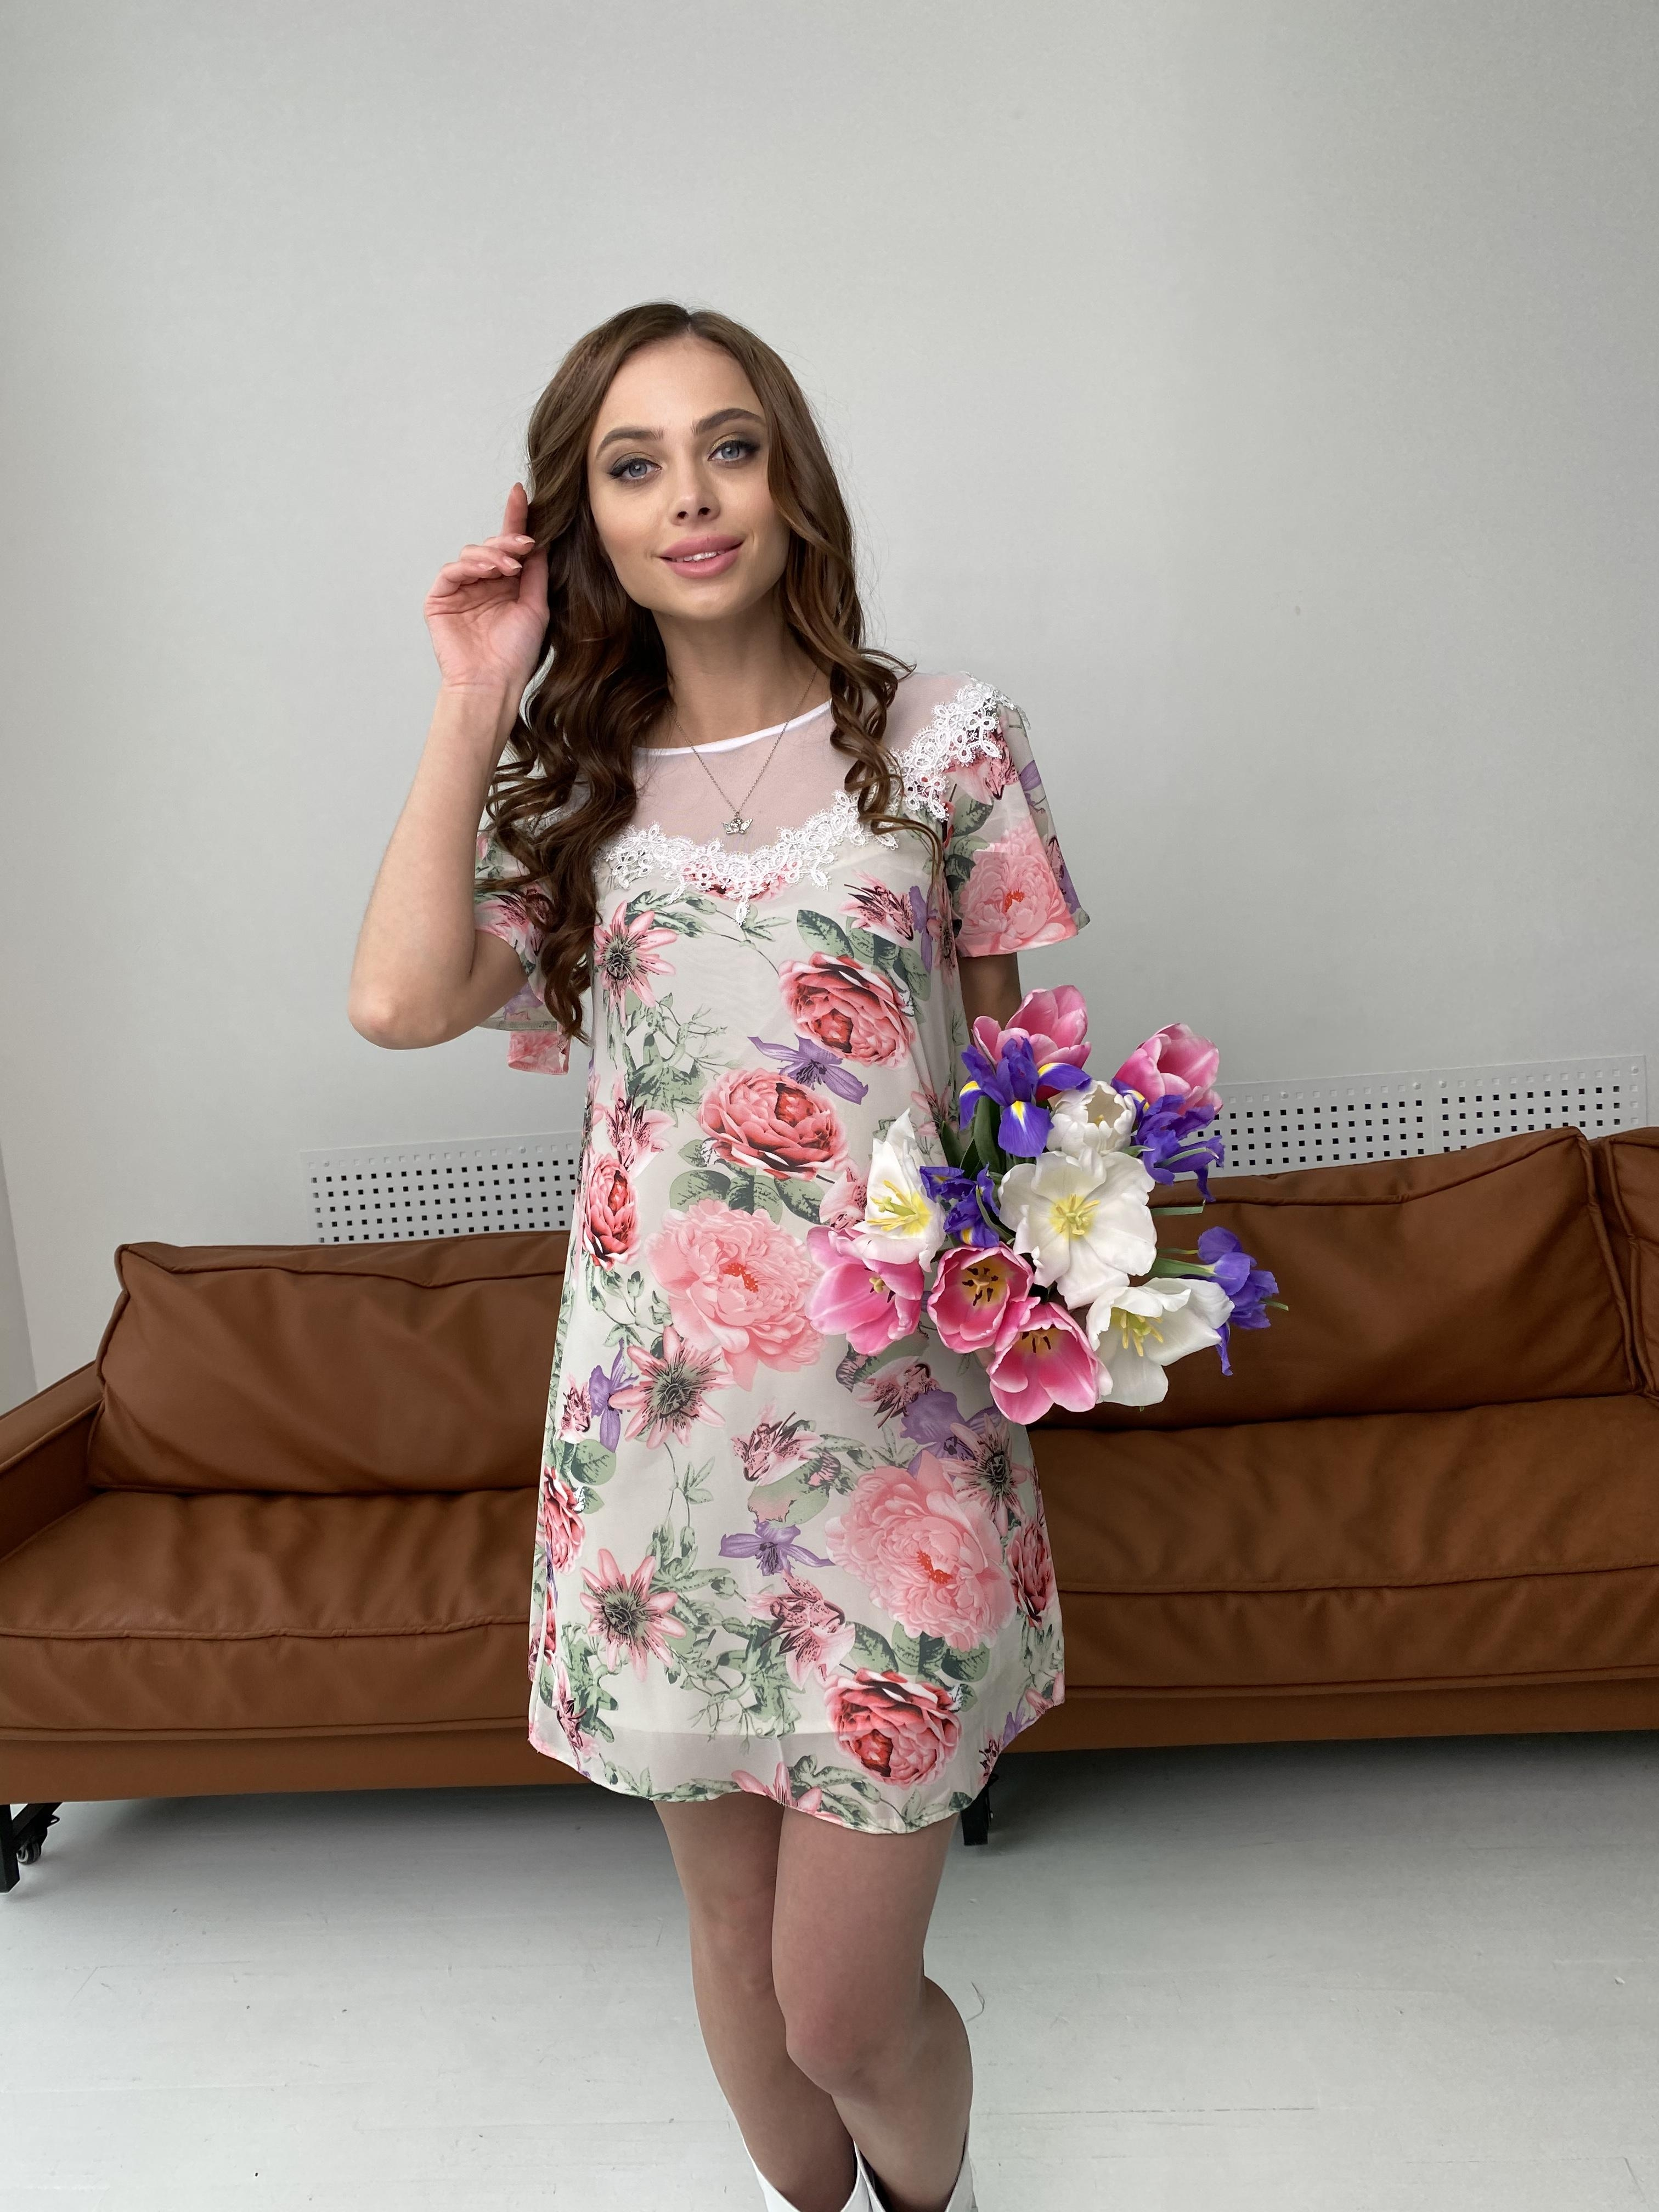 Эри платье из шифона с принтом 7136 АРТ. 42800 Цвет: Цветы комби беж - фото 2, интернет магазин tm-modus.ru